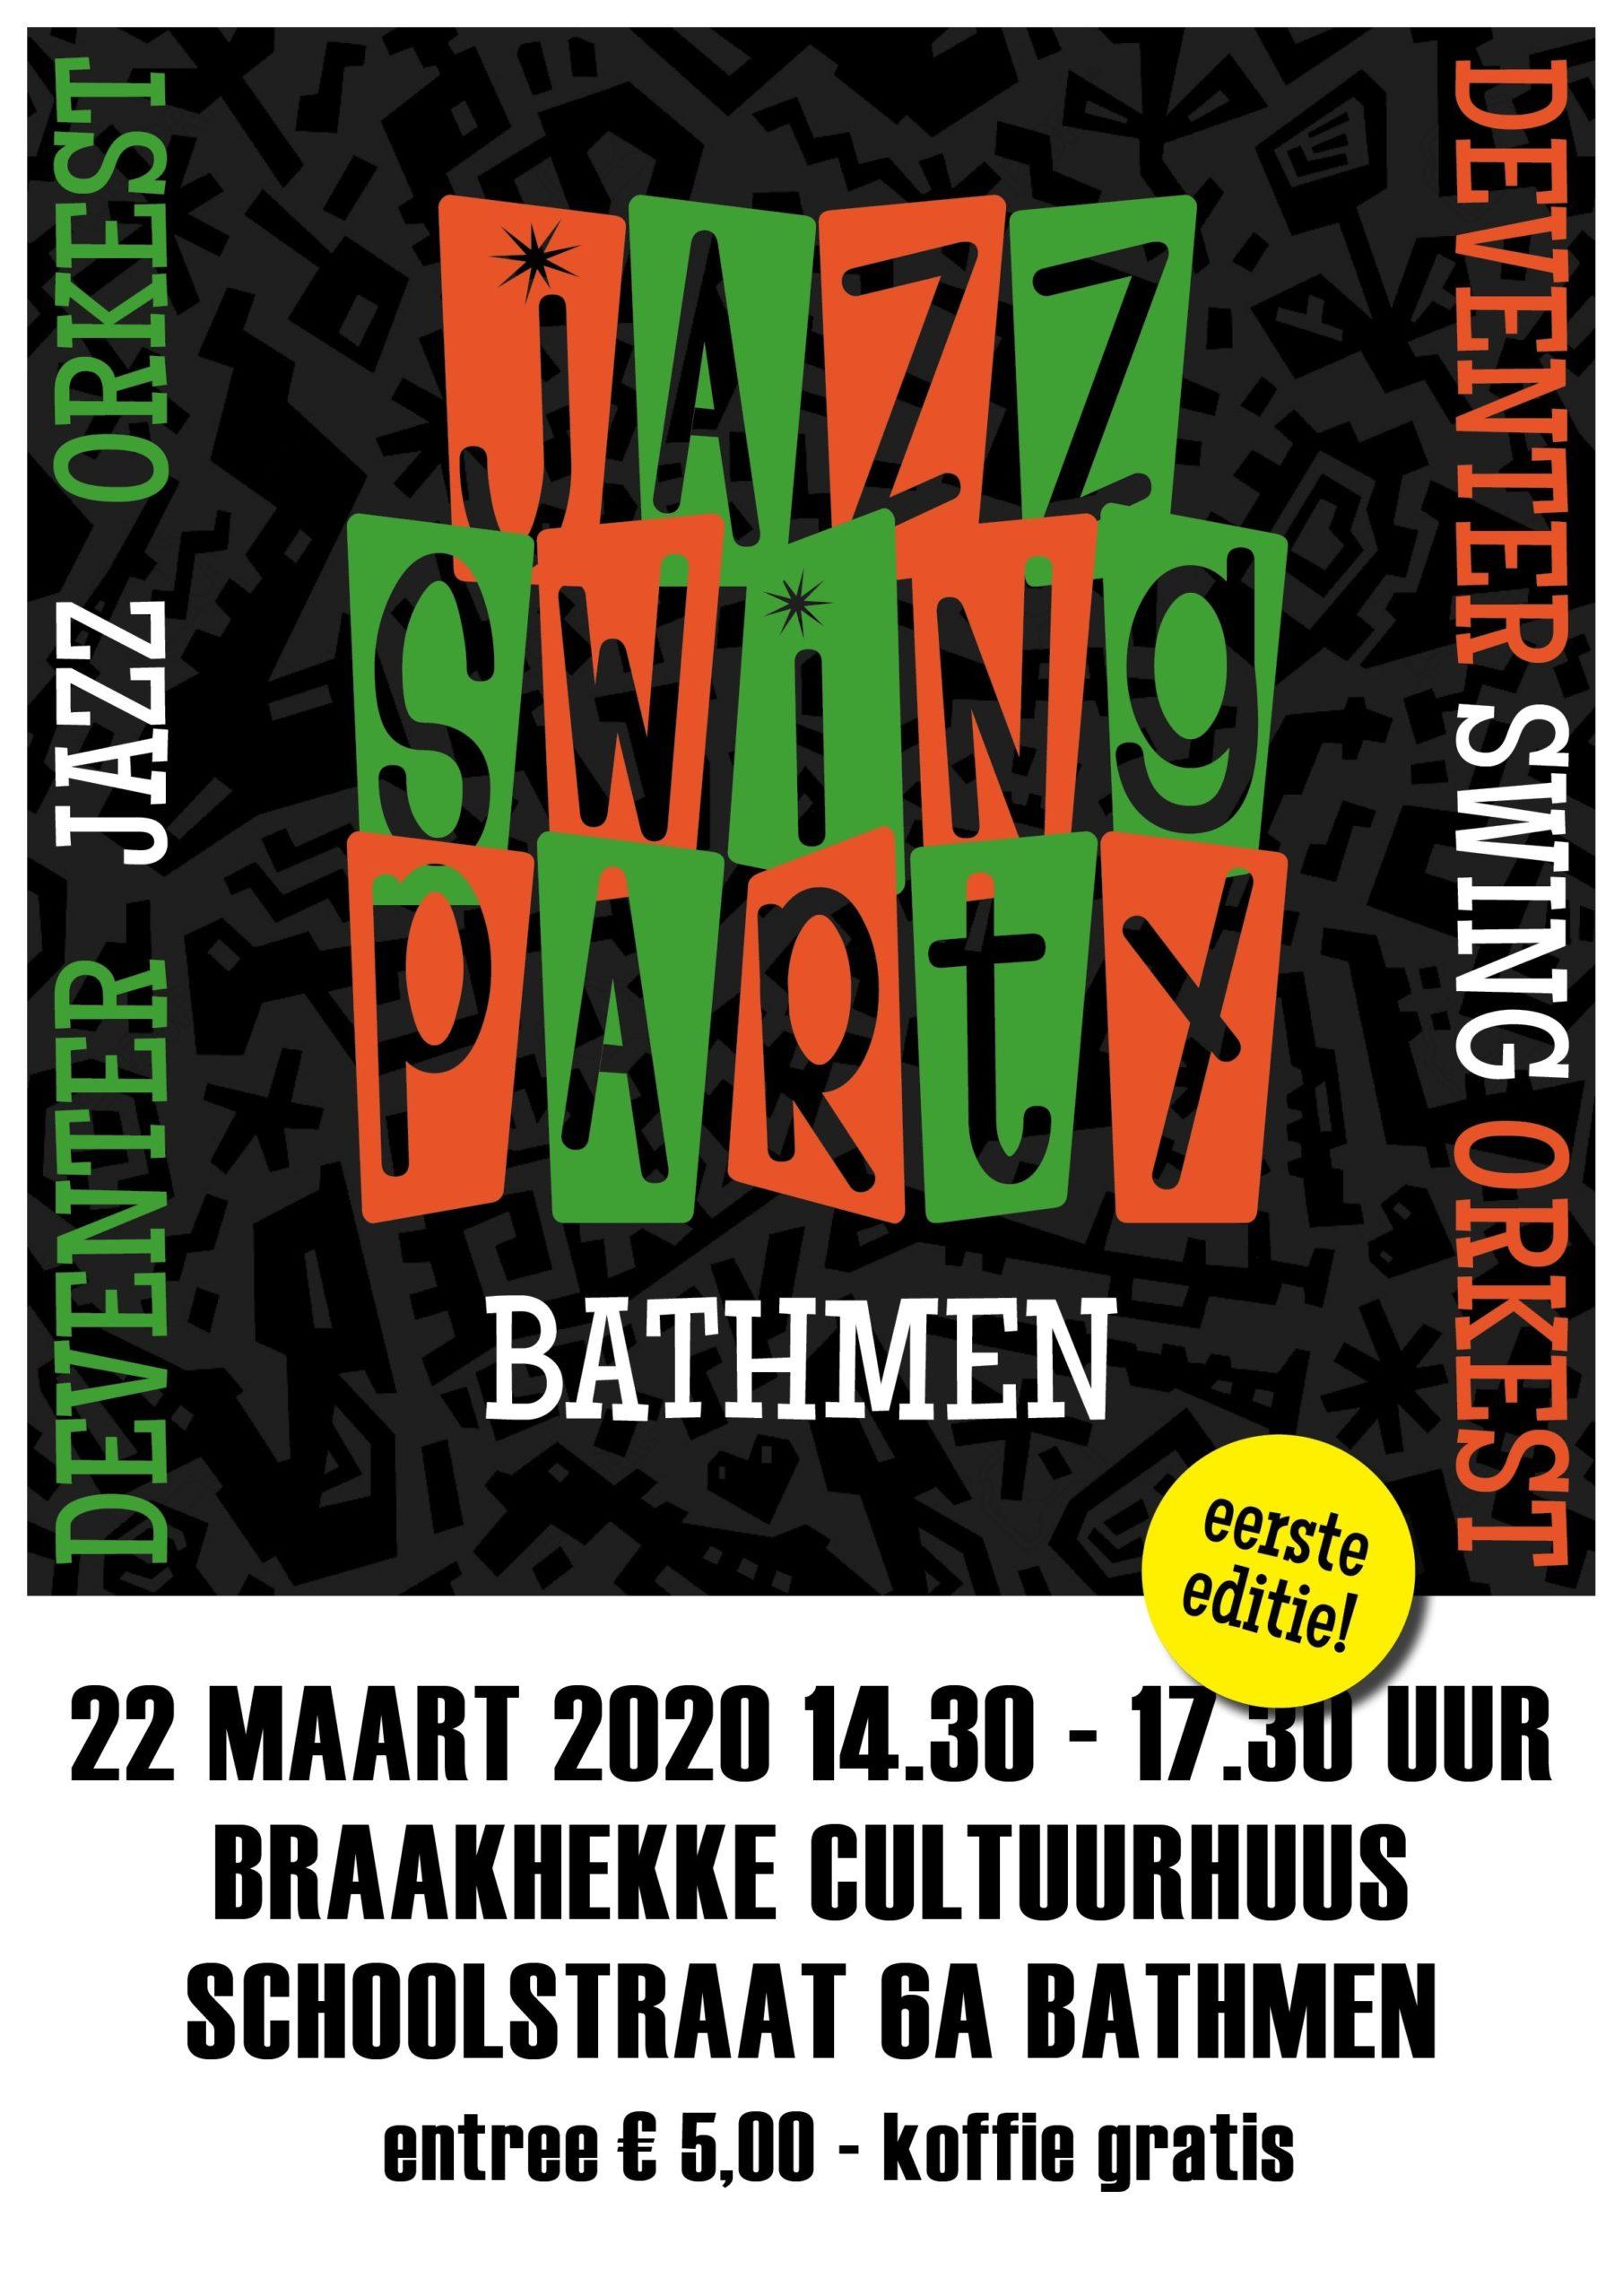 Zondag 22 maart 14.30 uur: Deventer Swing Orkest met Jazz Swing Party Bathmen 1e editie